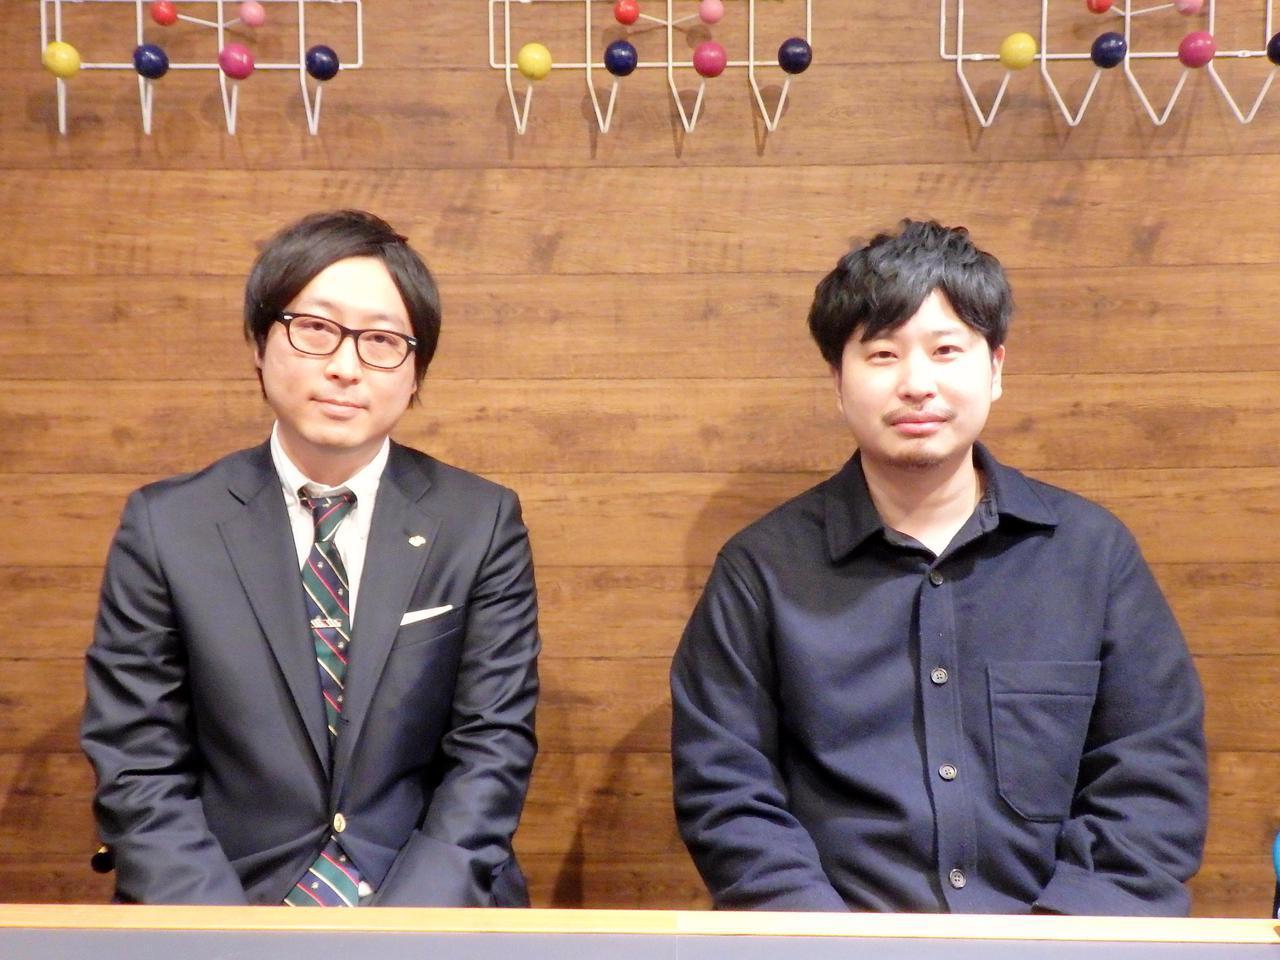 画像: 左より八木健太郎さん、汐田海平さん